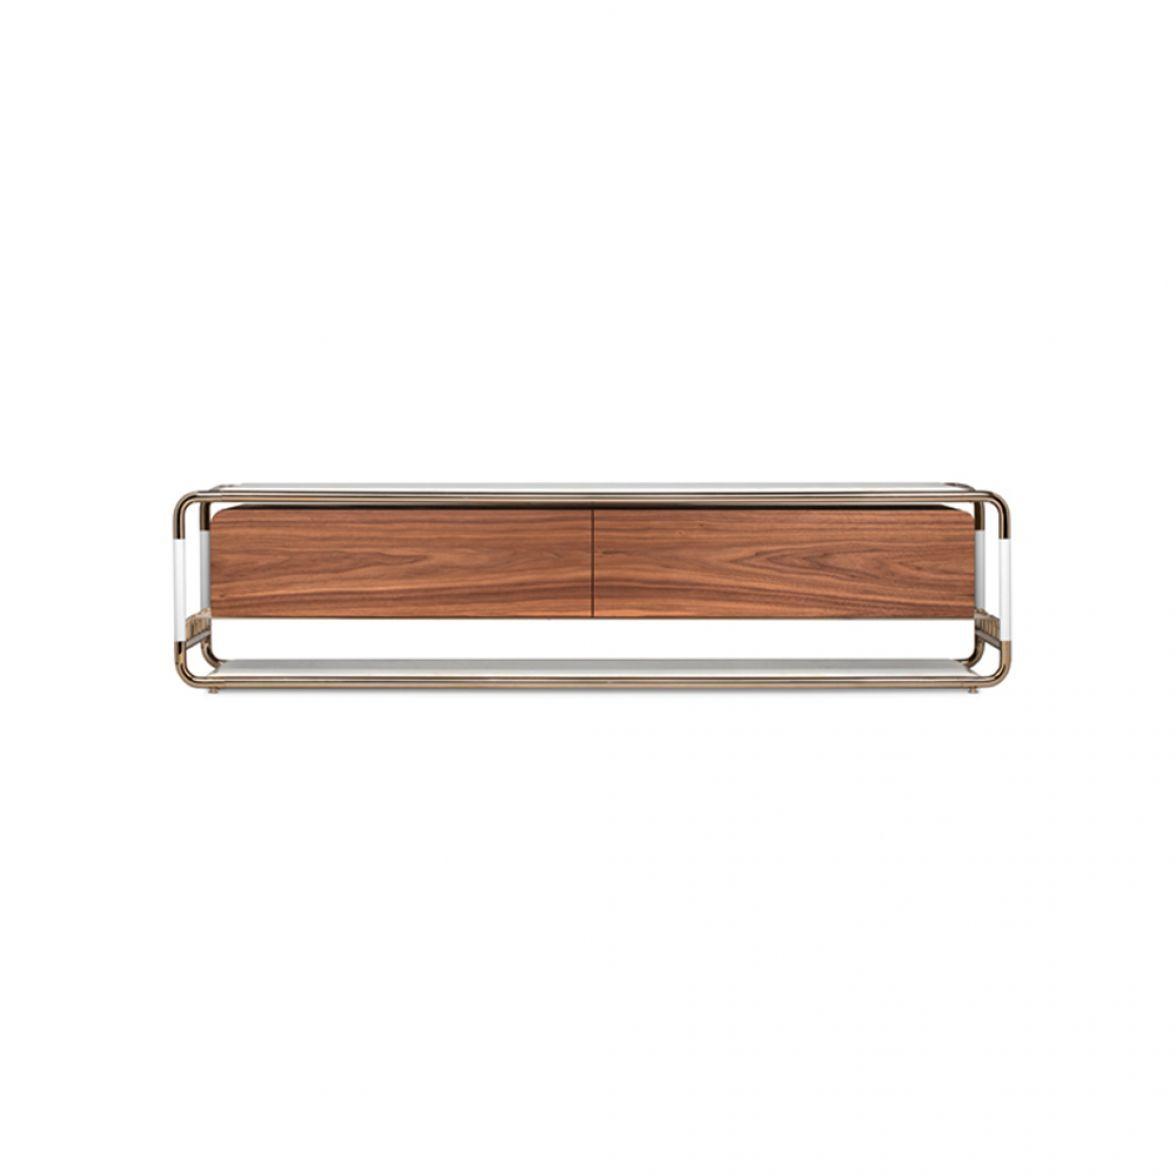 Lautner Tv Table